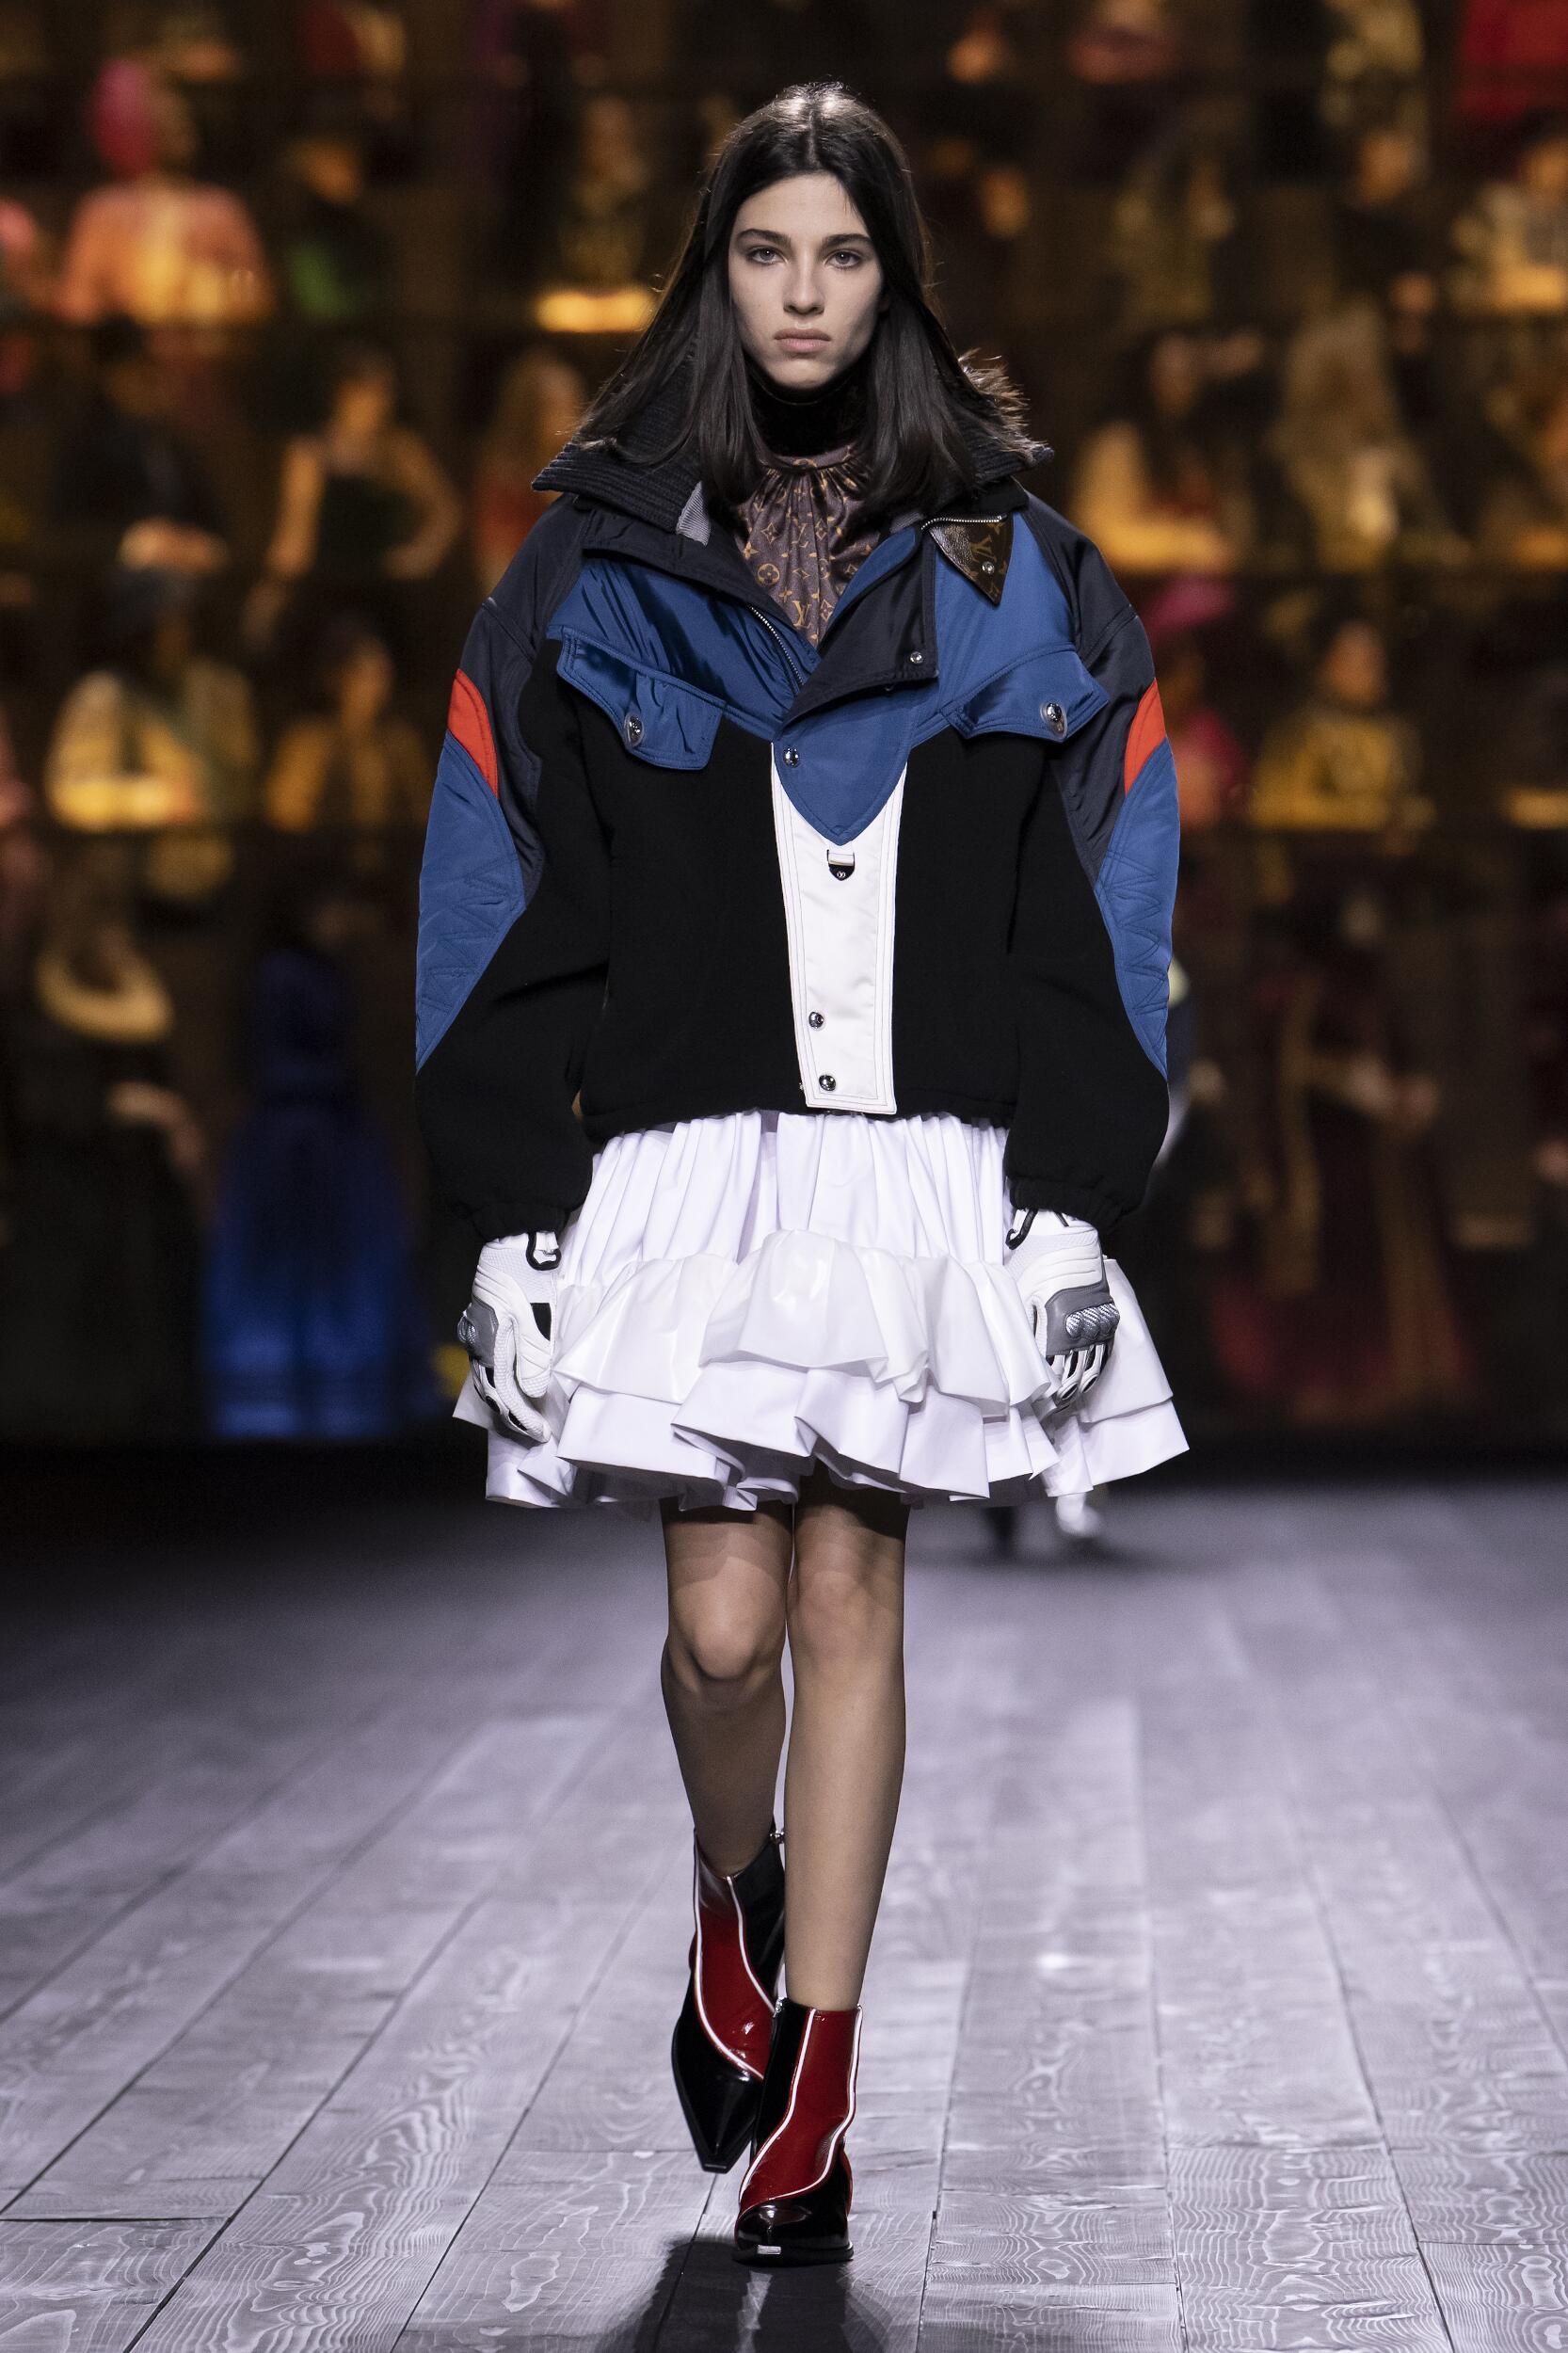 FW 2020-21 Louis Vuitton Fashion Show